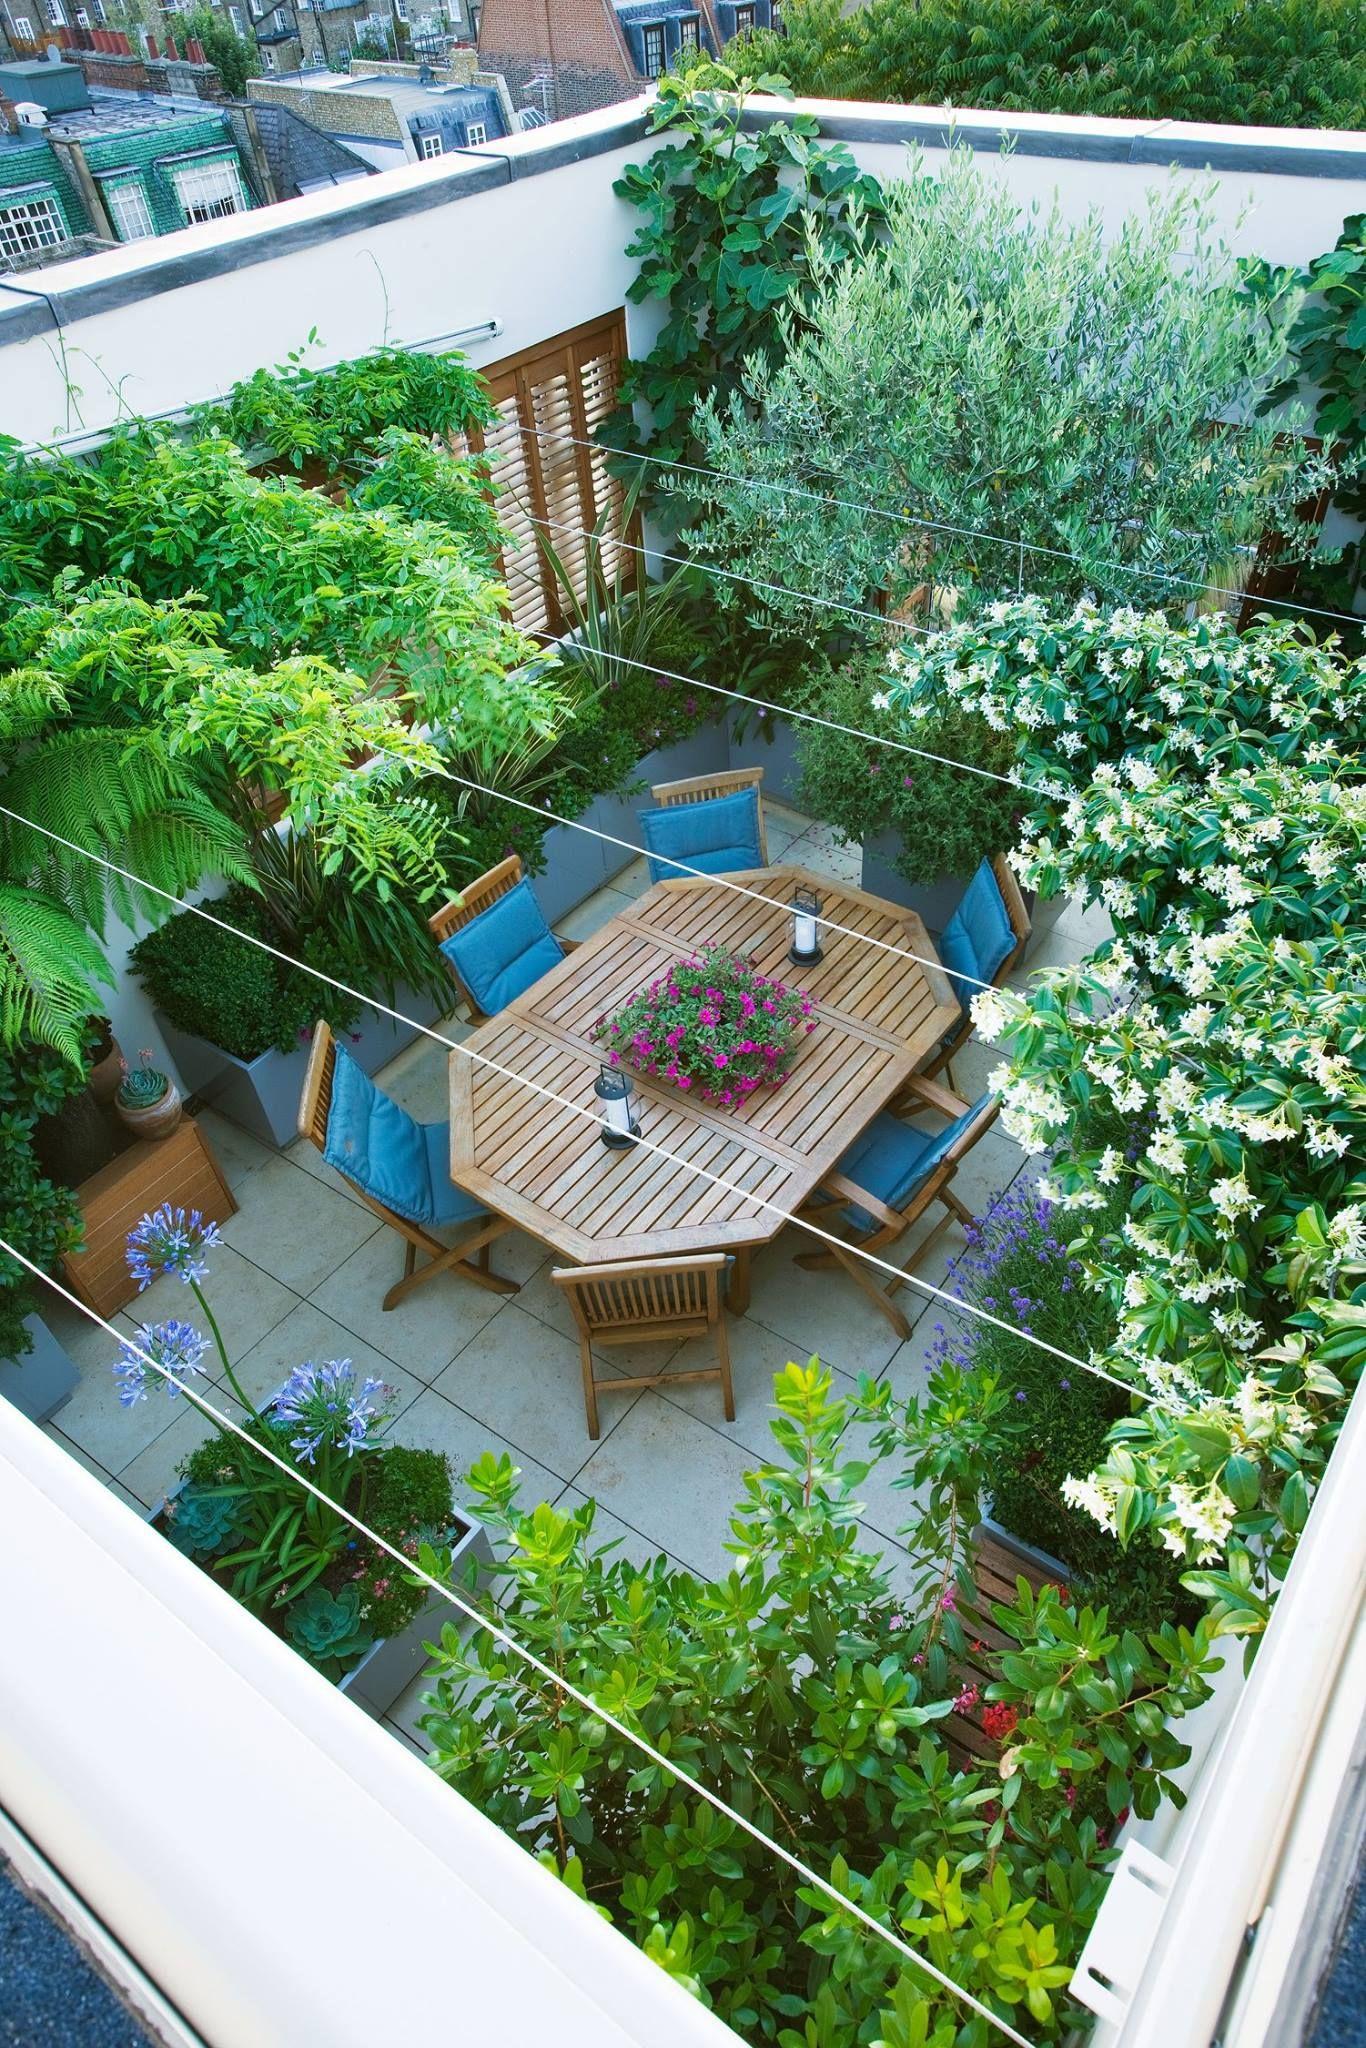 Le toit terrasse vu de haut Un toit terrasse verdoyant en plein